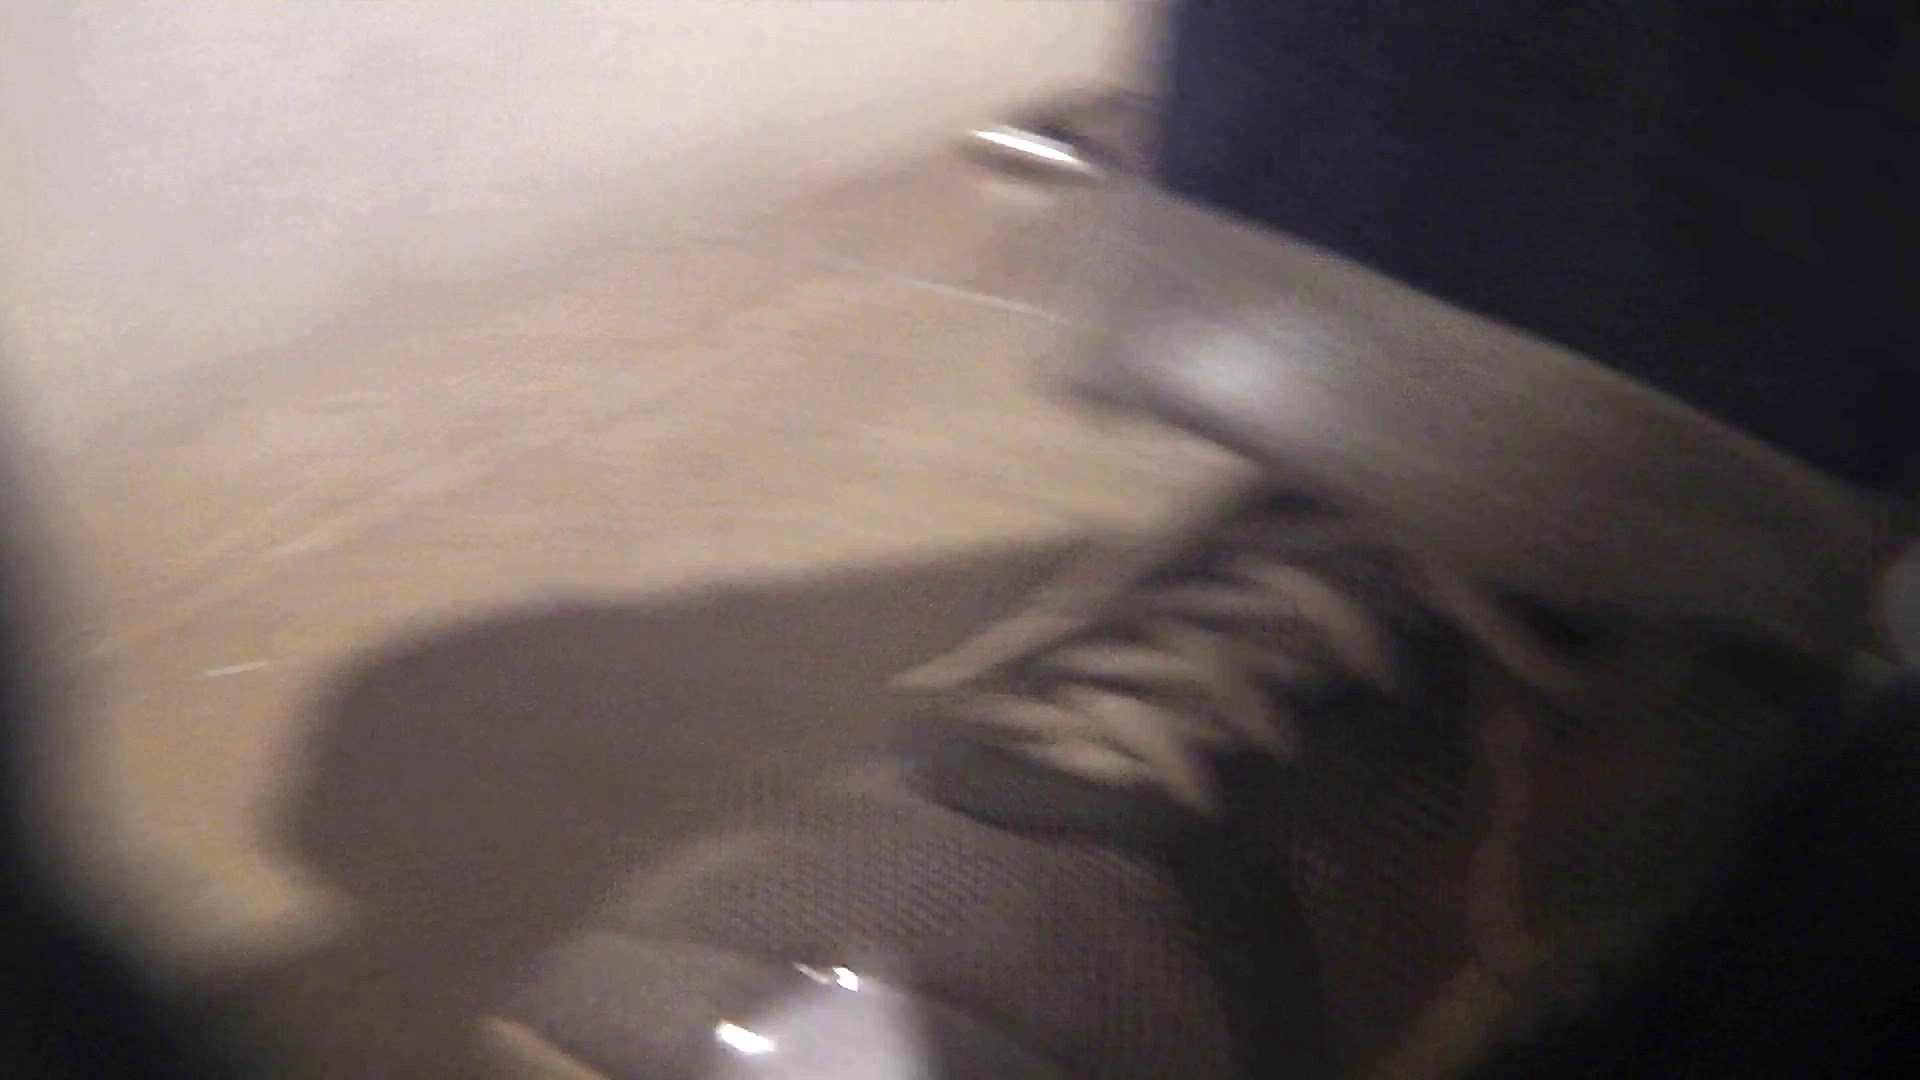 阿国ちゃんの「和式洋式七変化」No.12 盛合せ おまんこ無修正動画無料 99画像 3